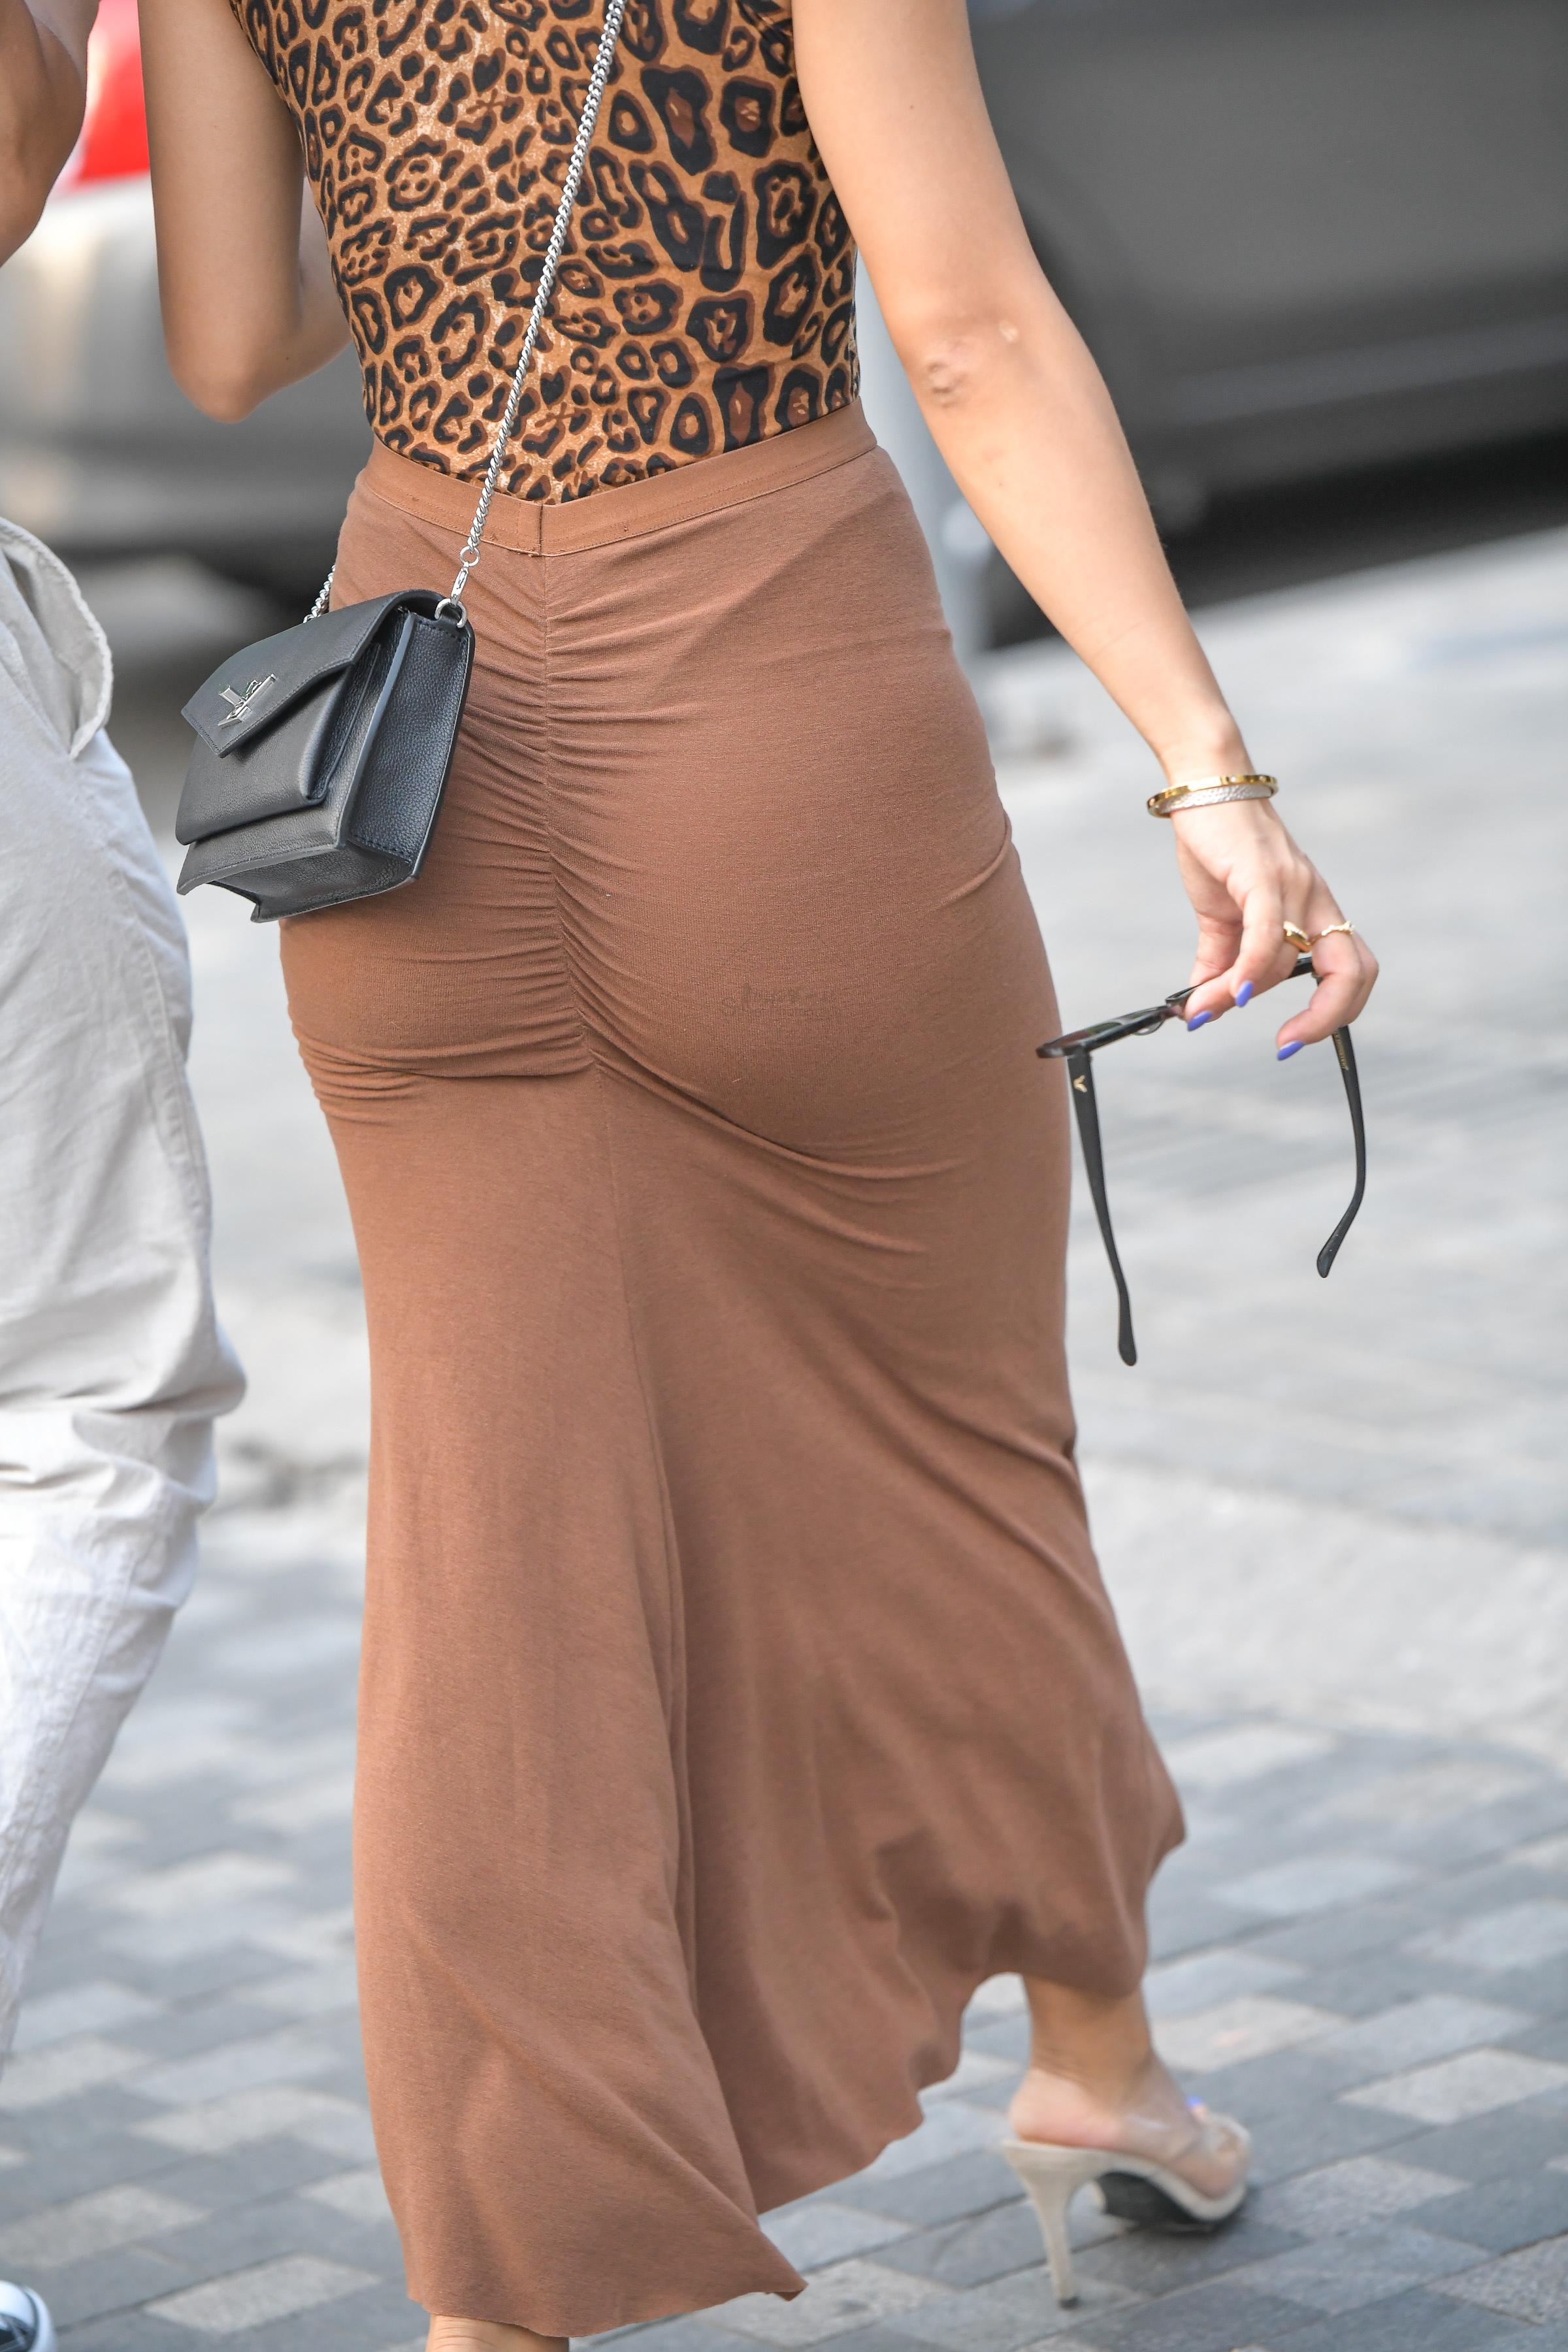 这个船 豹纹连体衣的姑娘穿的提臀裙吧曲线一览无余